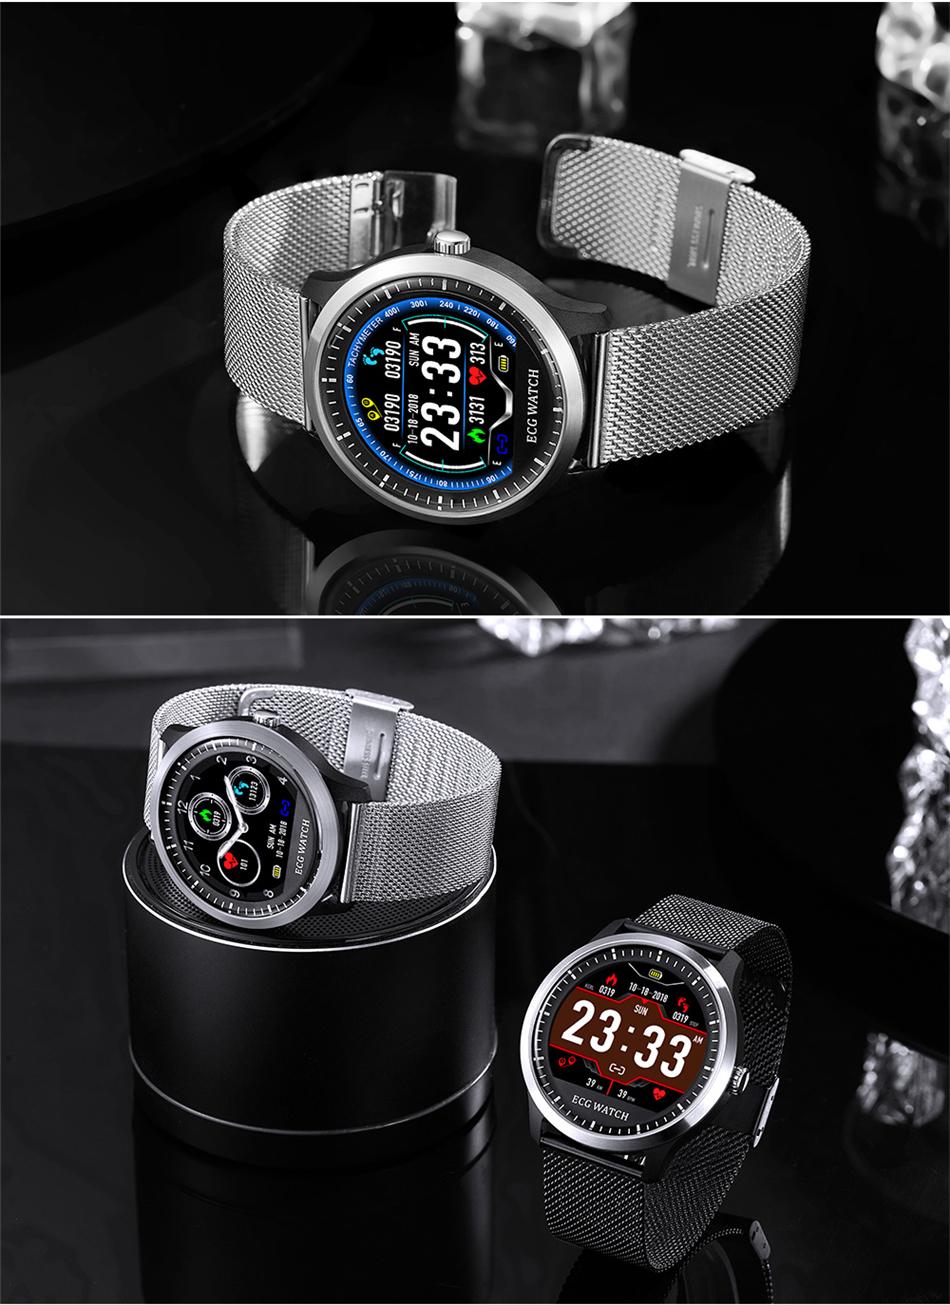 N58 Steel Band Smart Watch ECG ECG+PPG Sports Waterproof Bracelet HRV Report Blood Pressure Heart Rate Test  11